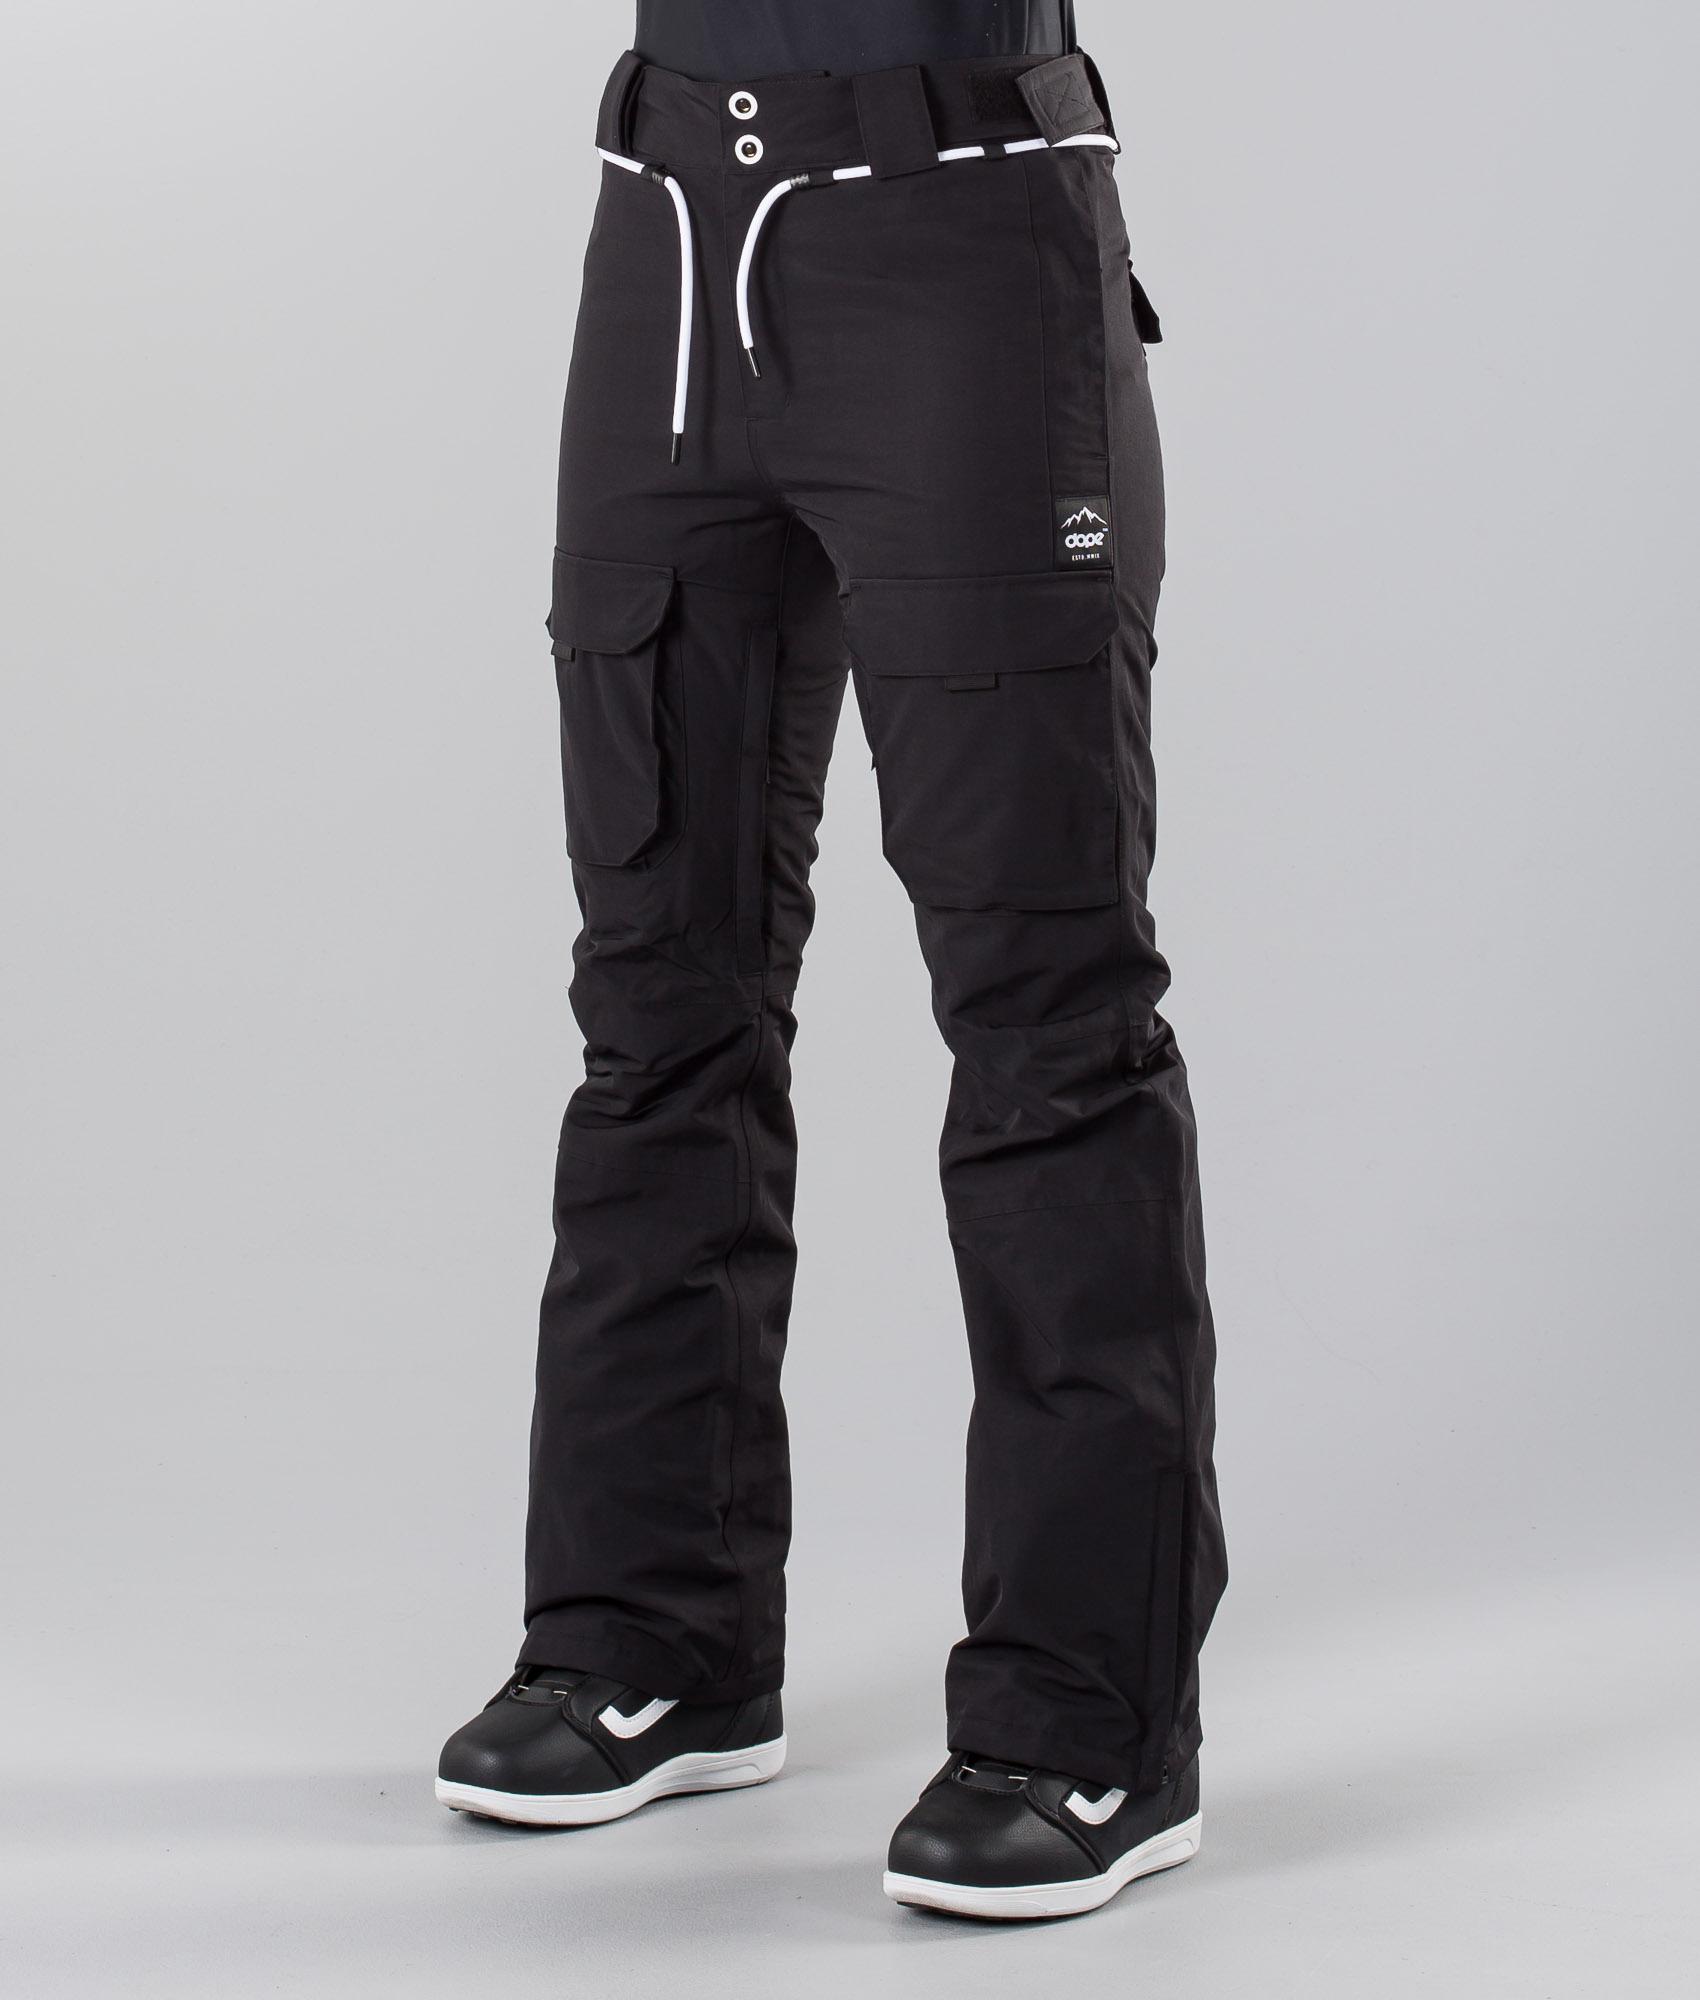 Online Damen Damen Snowboardhosen Online Kaufen Snowboardhosen Snowboardhosen Kaufen Snowboardhosen Damen Kaufen Online thCBodsQrx